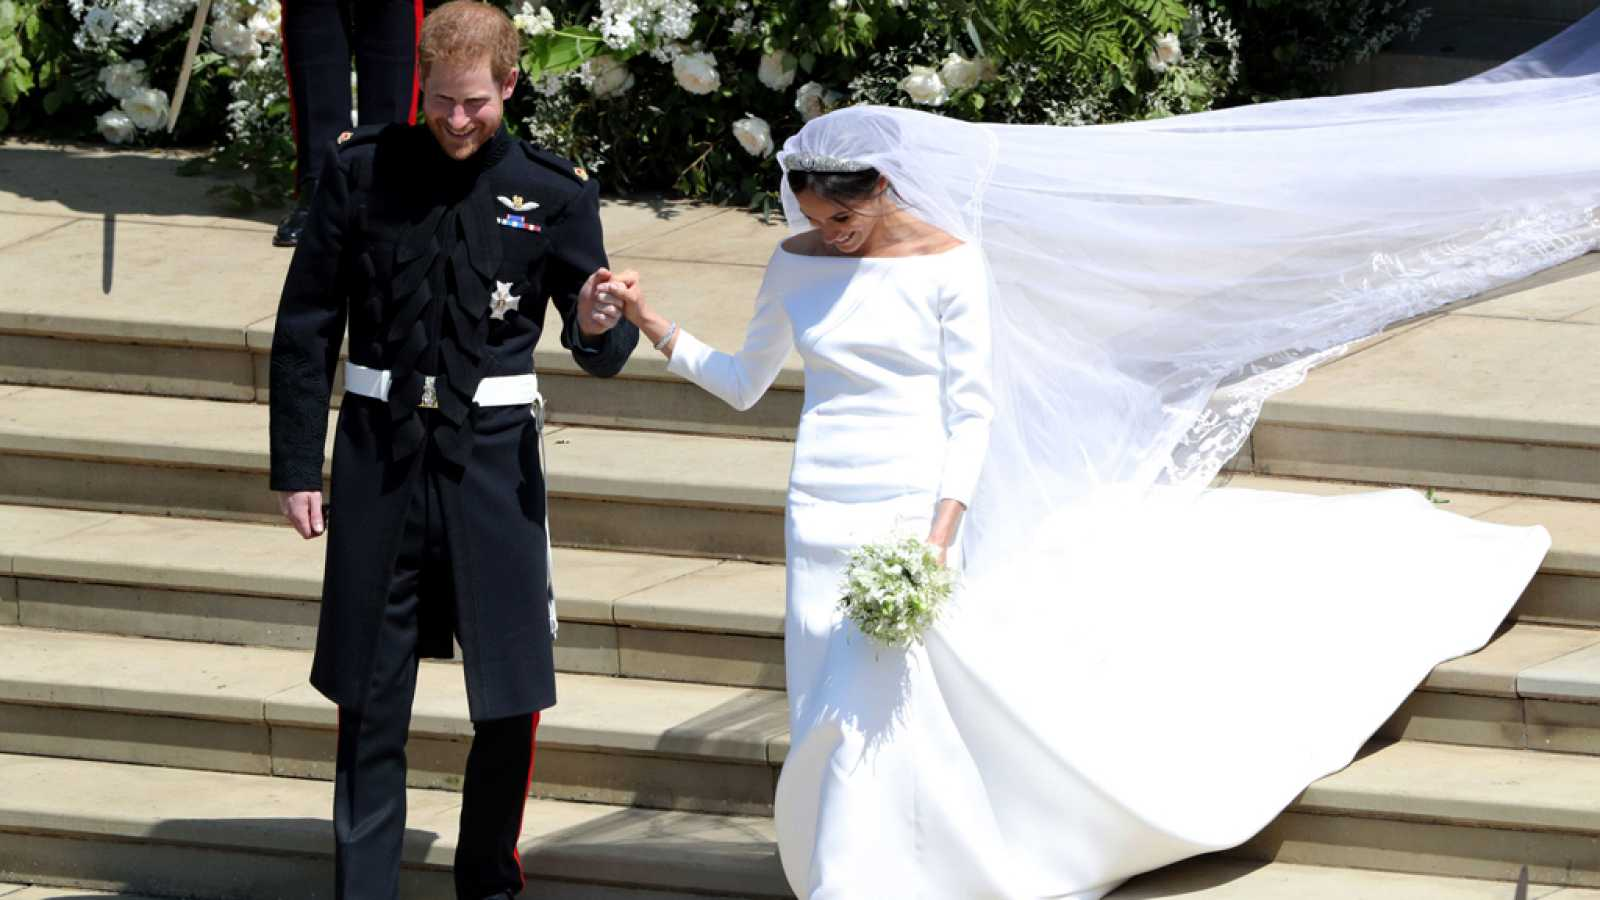 d10af5b272 Para todos los públicos El vestido de novia de Meghan Markle reproducir  video